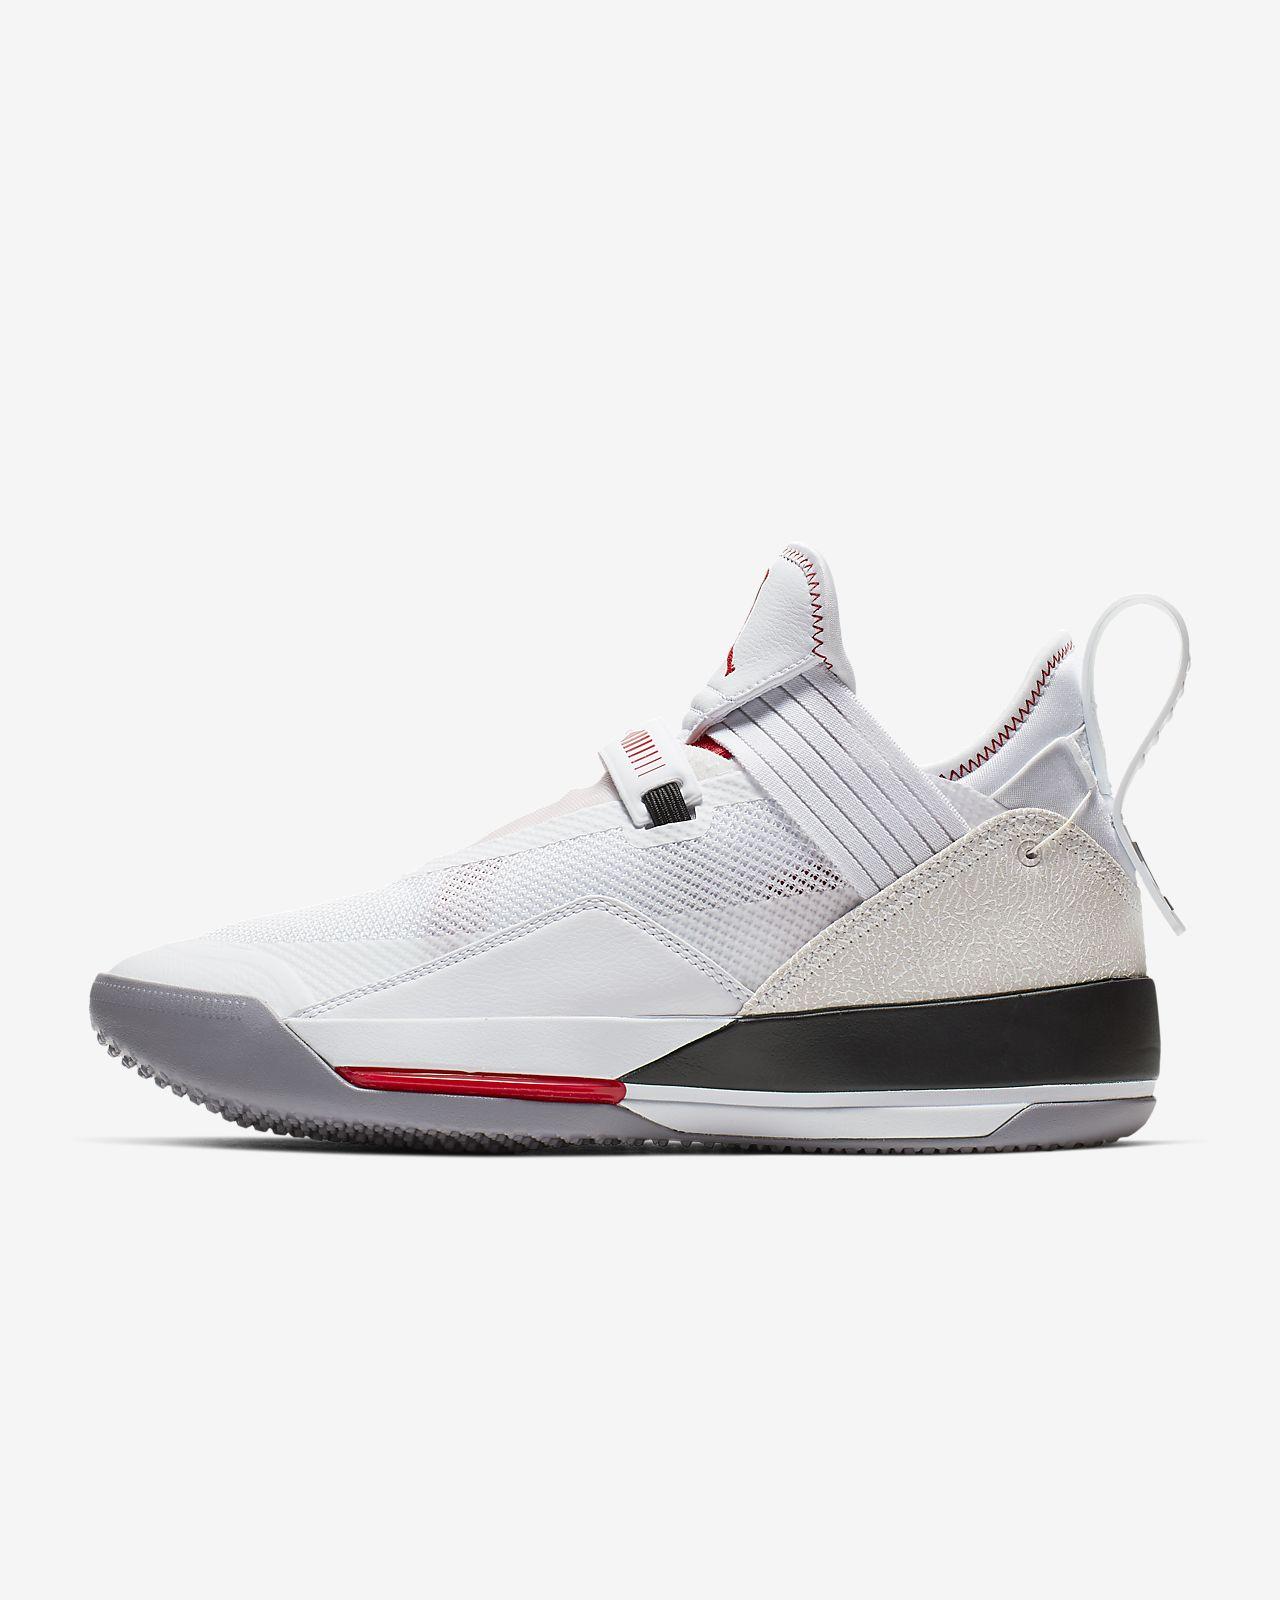 timeless design 8ac1a 80be4 ... Chaussure de basketball Air Jordan XXXIII SE pour Homme